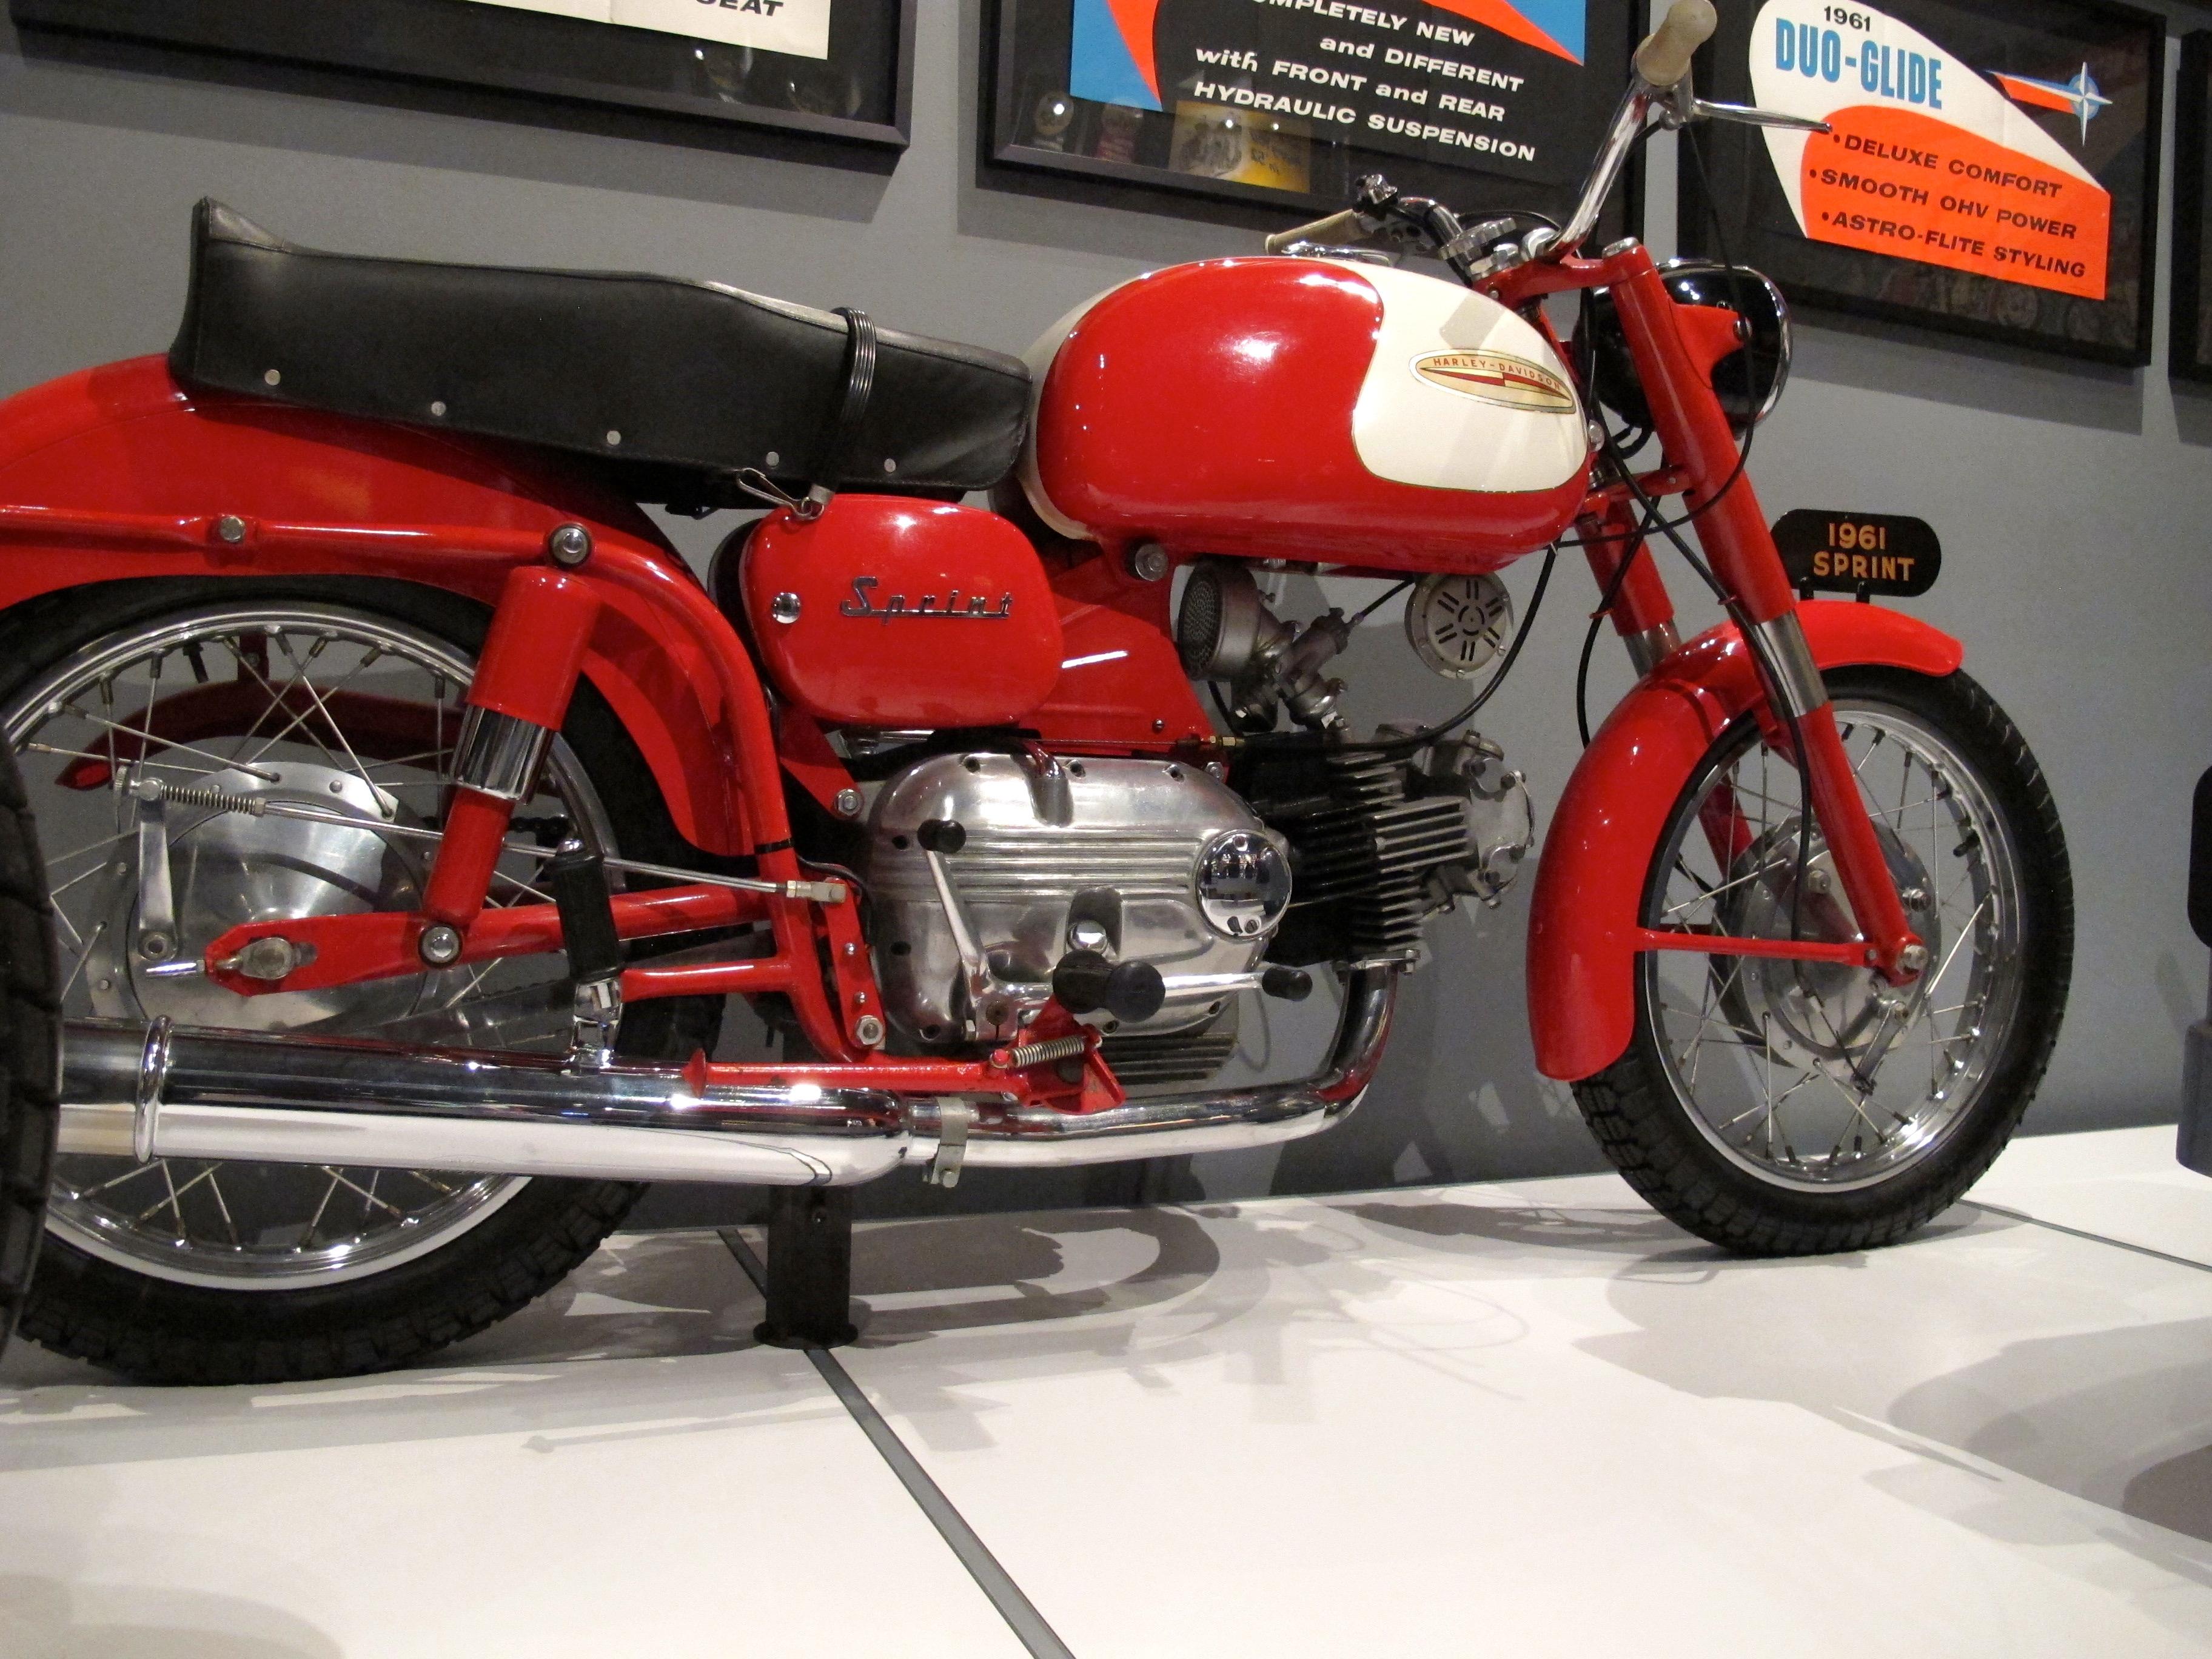 headlights indicator e angel img drl marked led product lights eye decor motorbike motorcycle